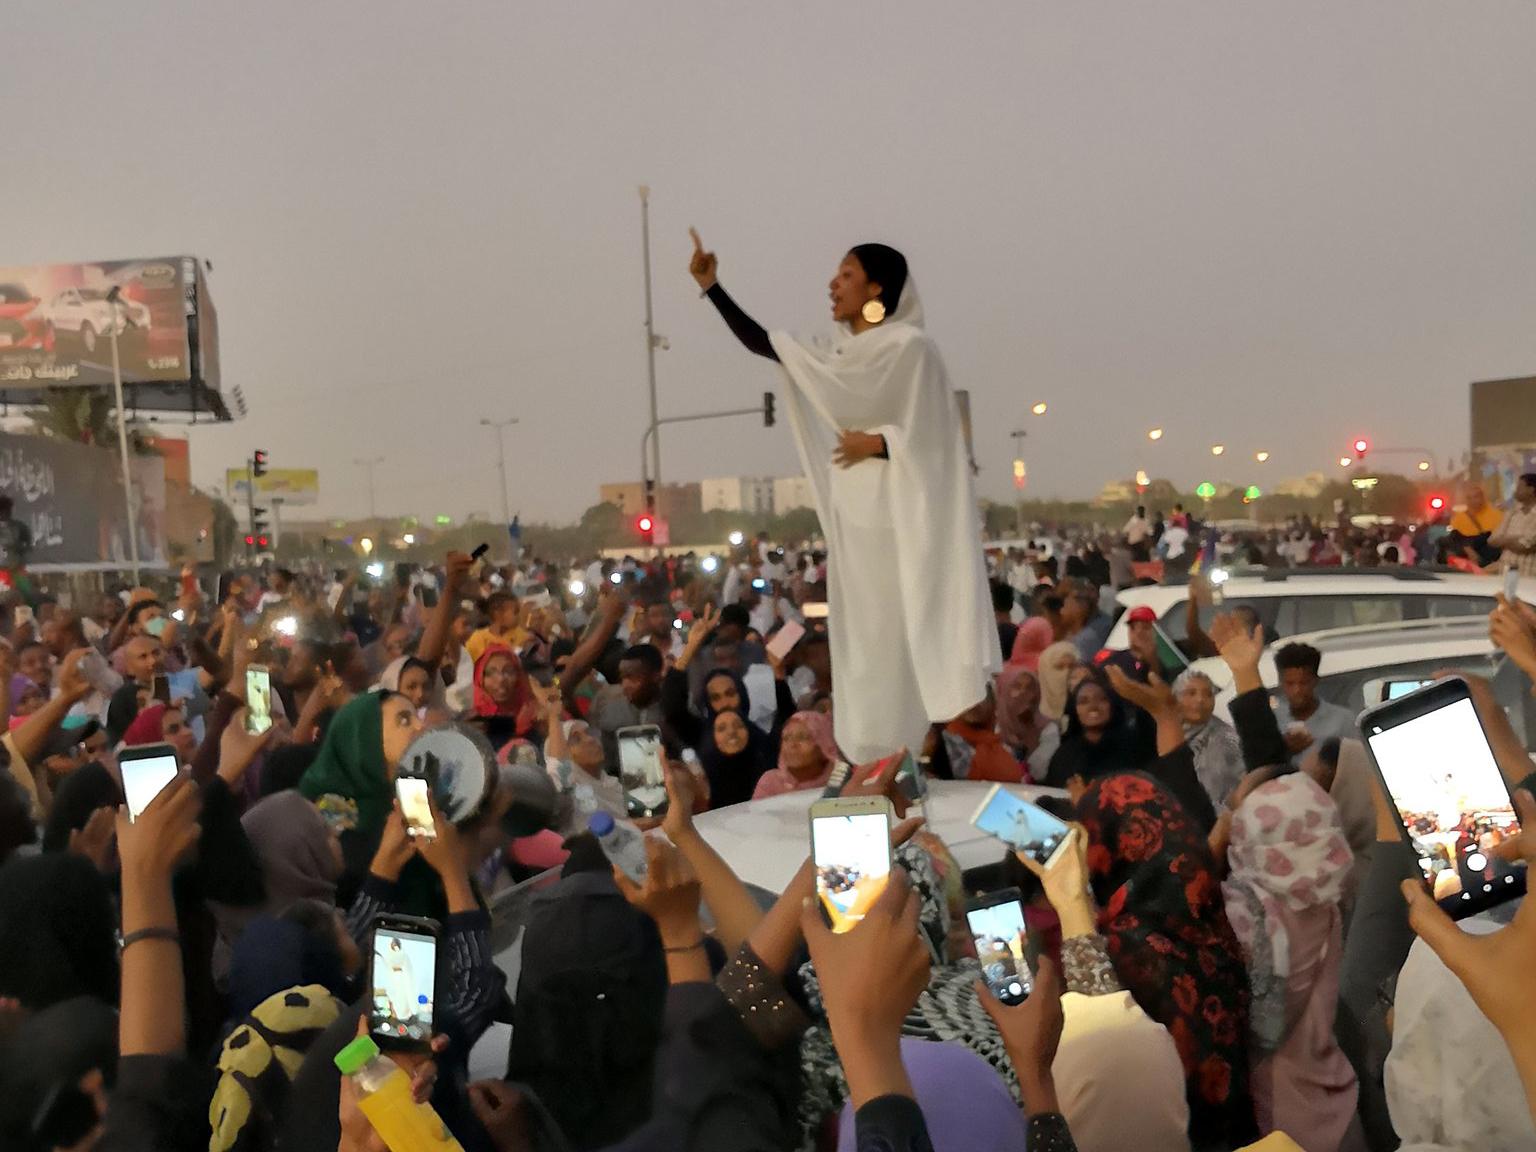 Le donne fanno la rivoluzione in Sudan - Ladynomics